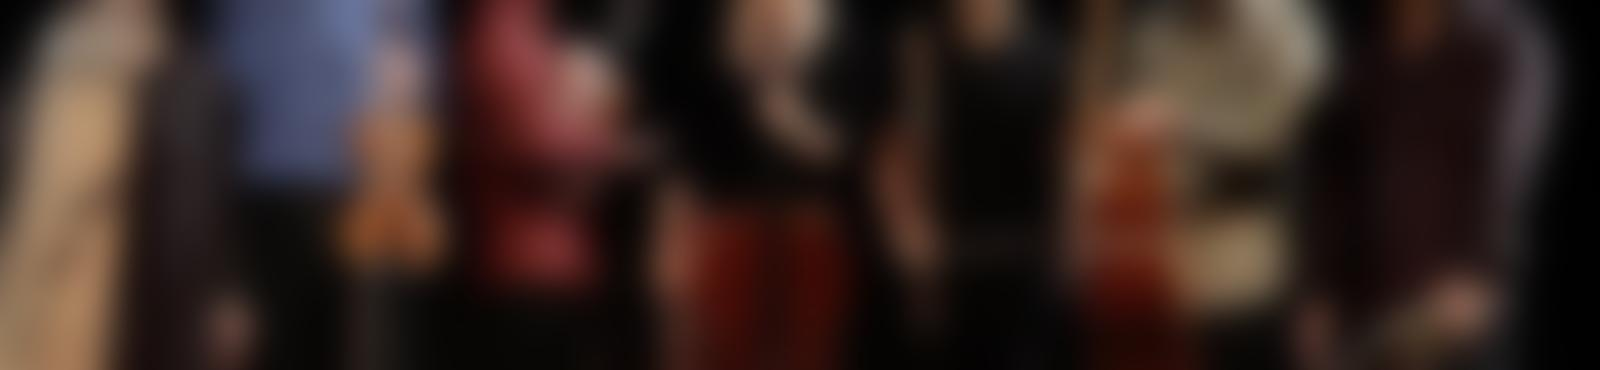 Blurred deea129b 4567 4fce b48f a265d159ae21